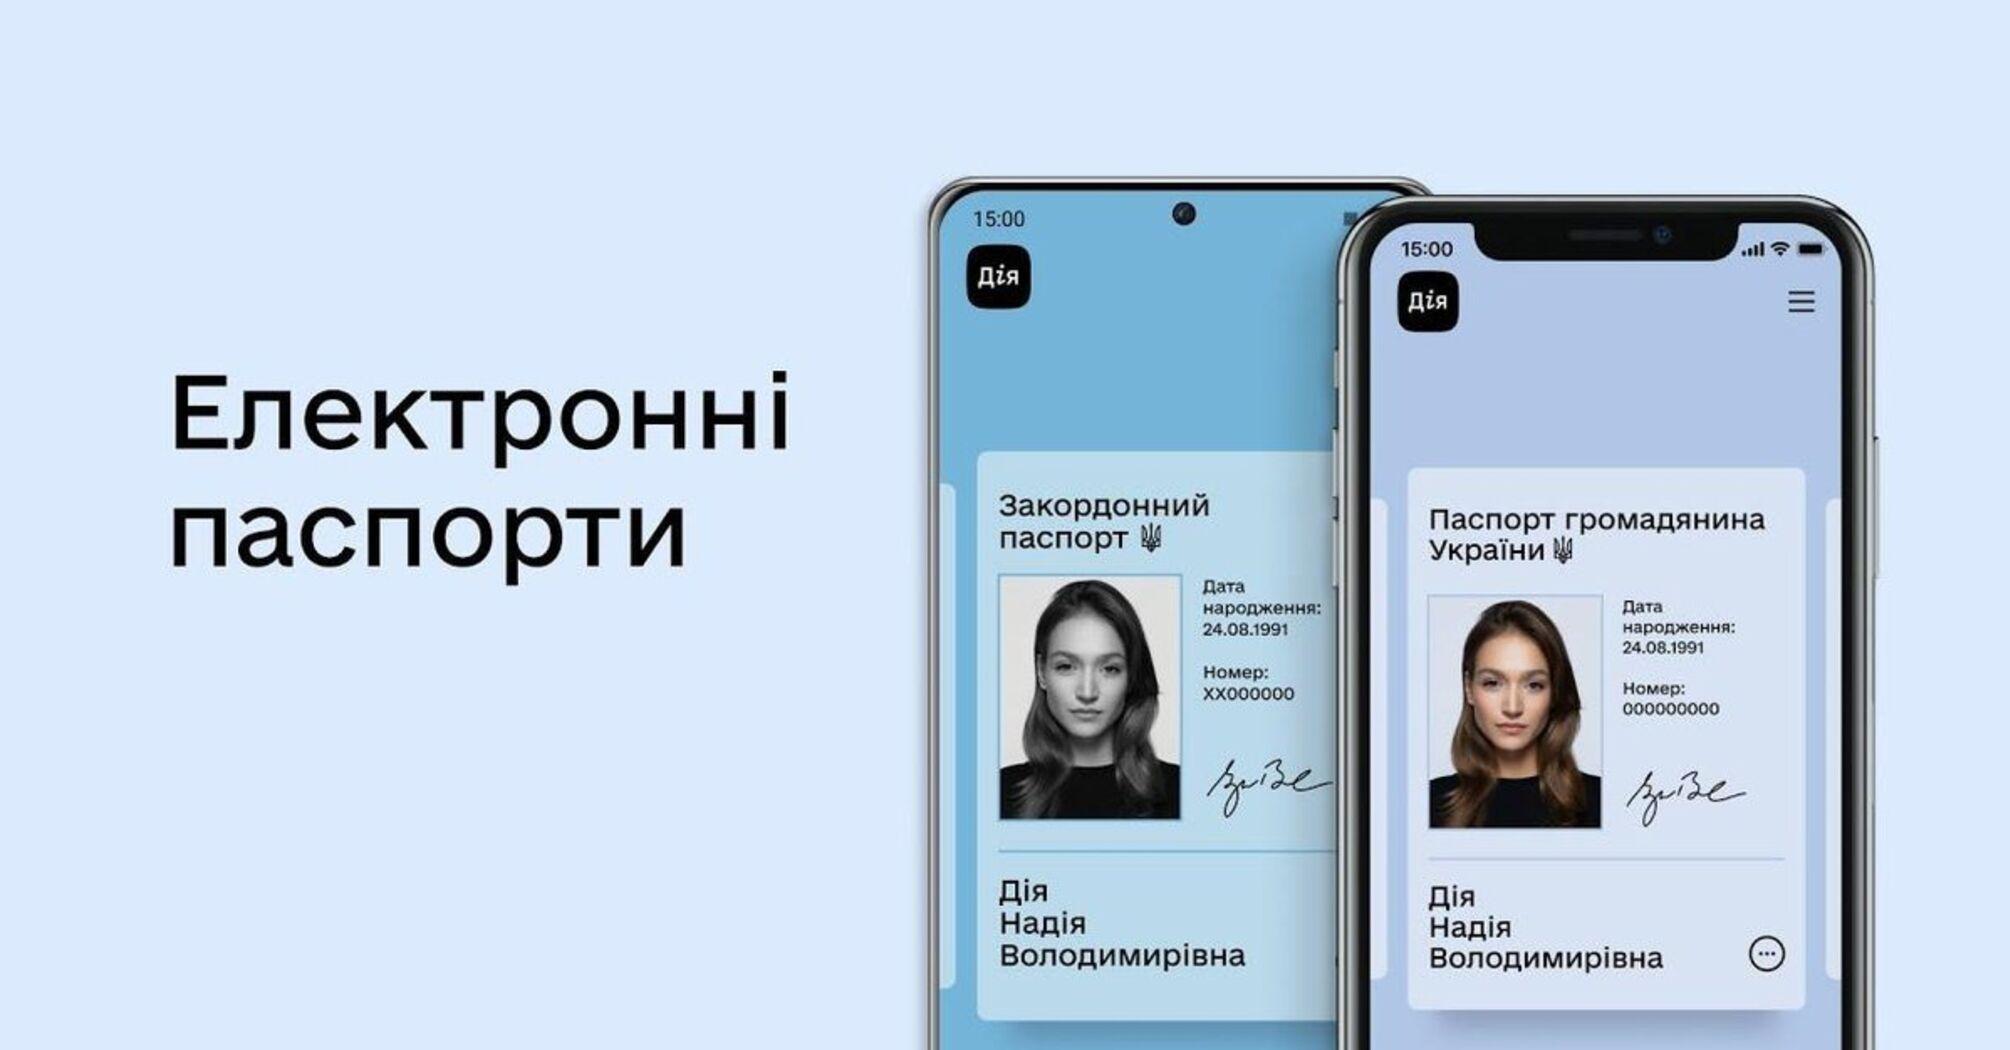 Кабмін розширив можливості е-паспорта